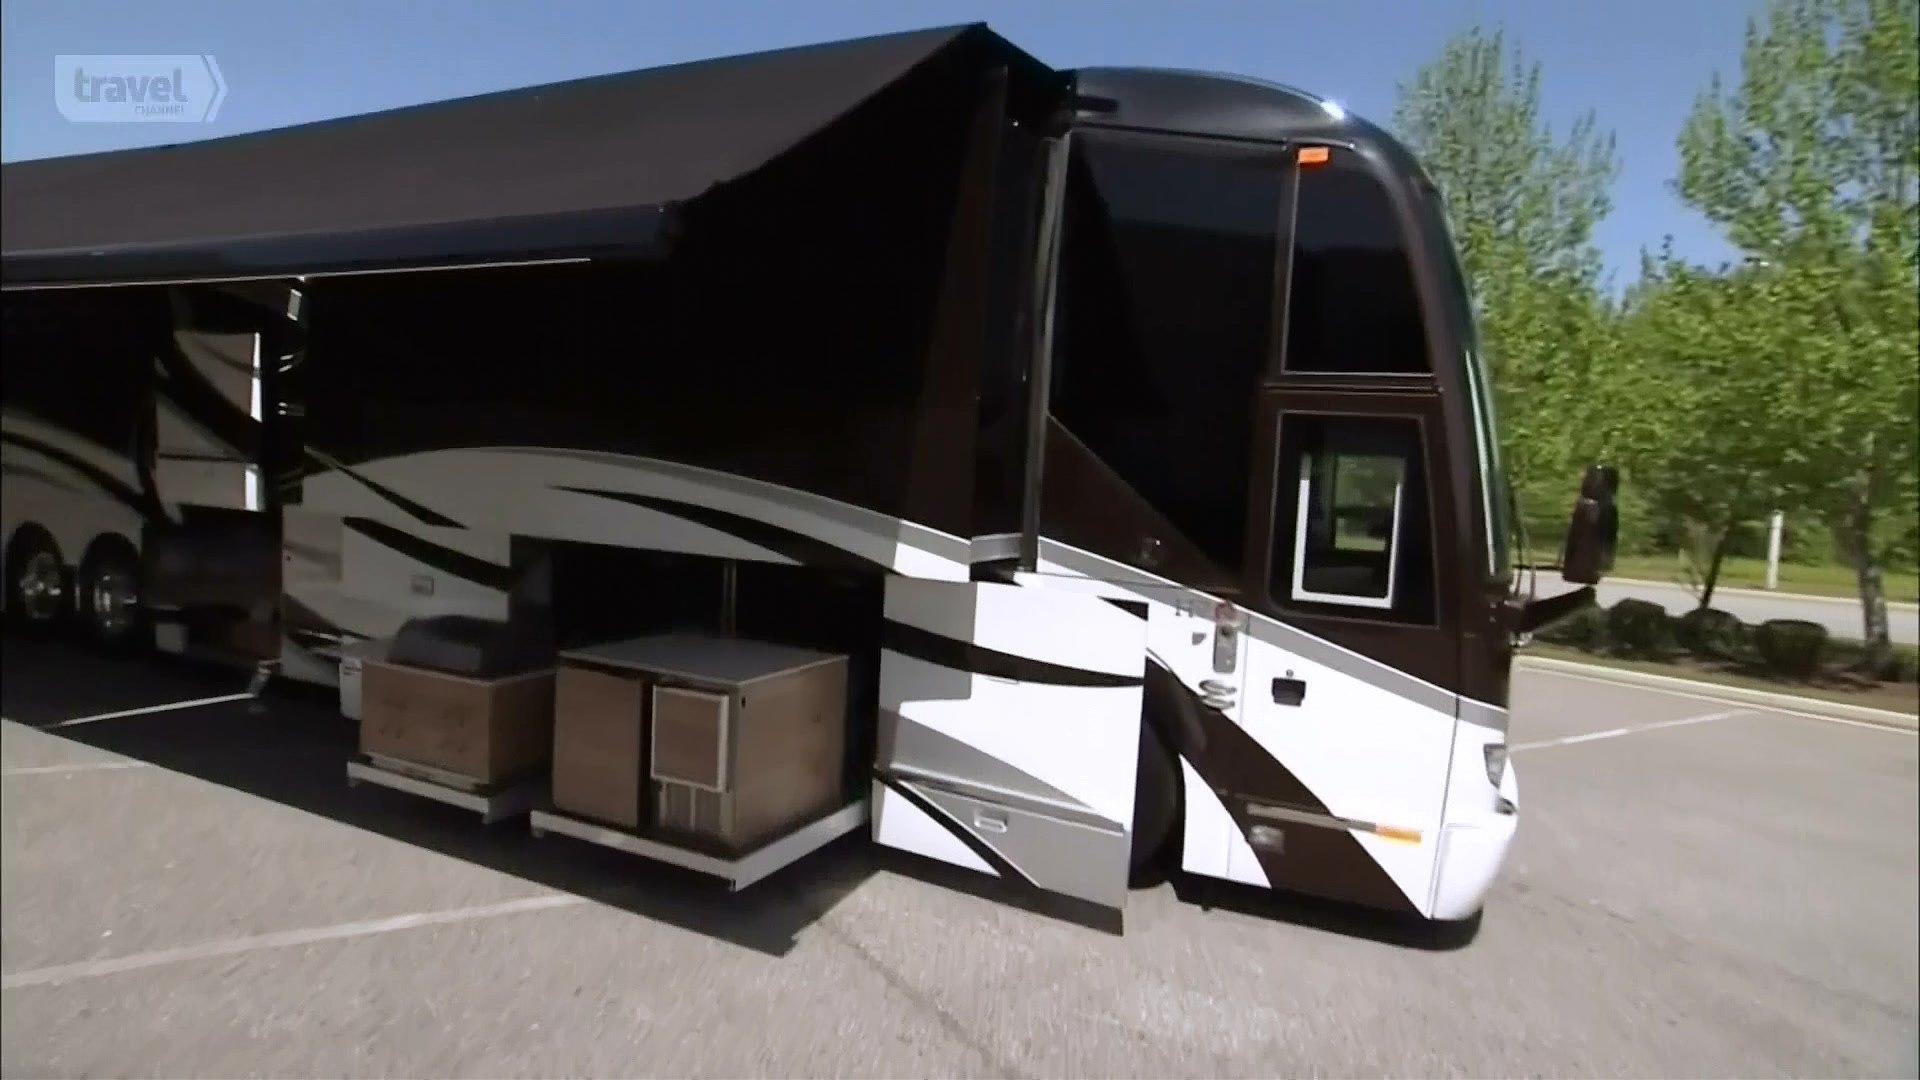 Удивительные фургоны: Featherlite Luxury Coach, Thor Toy Hauler и прицеп для лошадей Duba